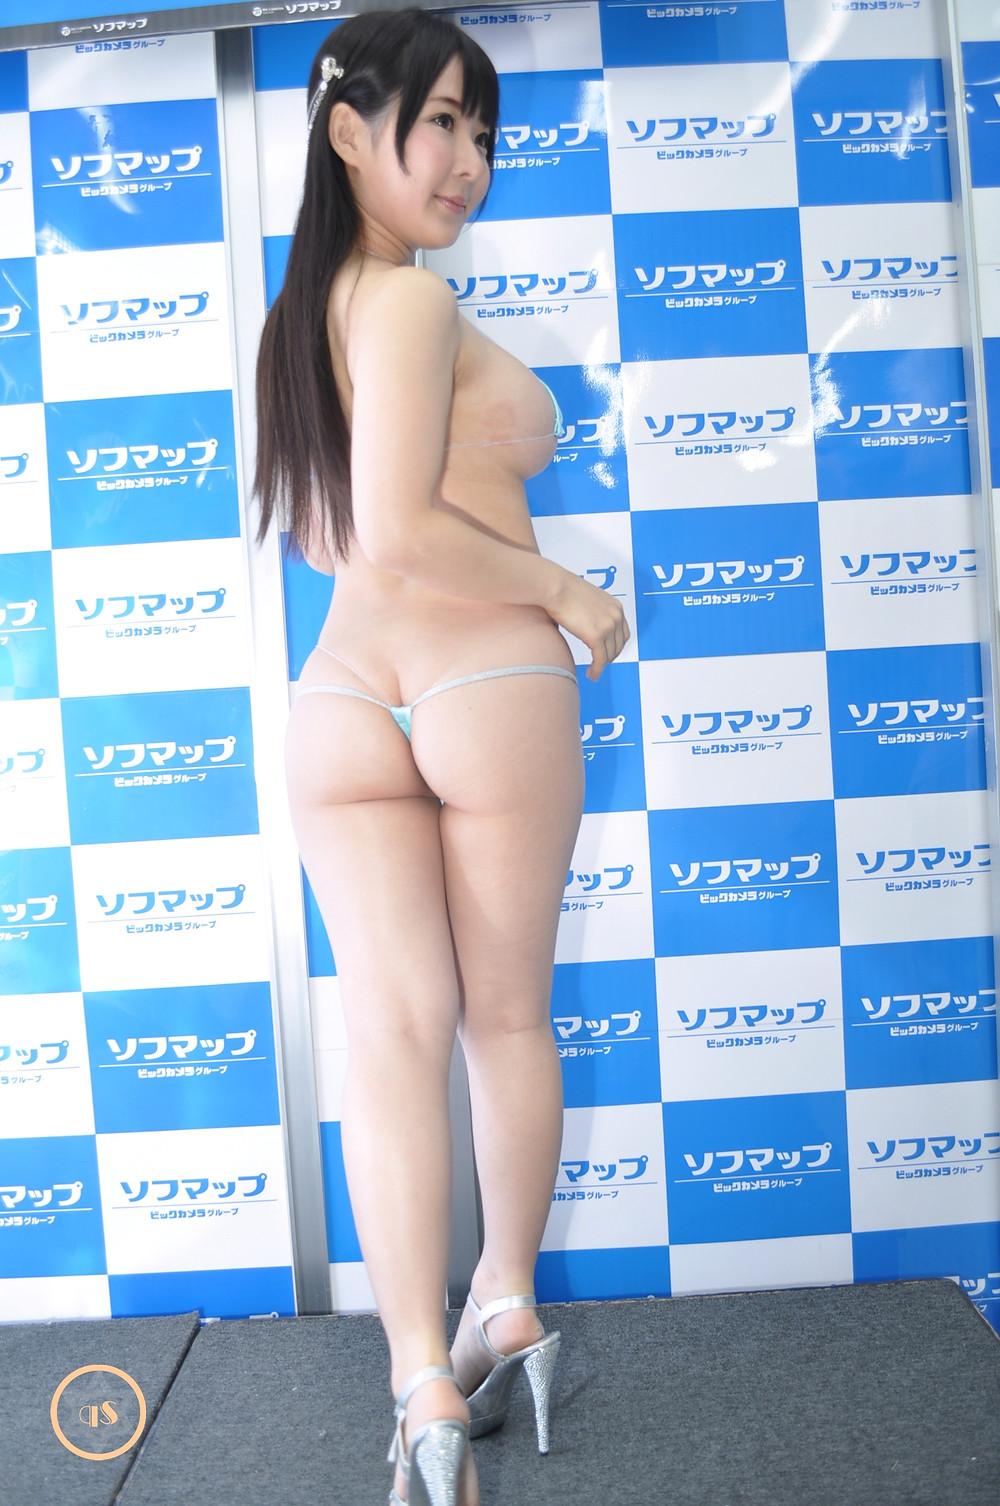 爆乳桃尻Tバックグラドル雨宮留菜dvd「summer lesson」発売記念イベント (2)